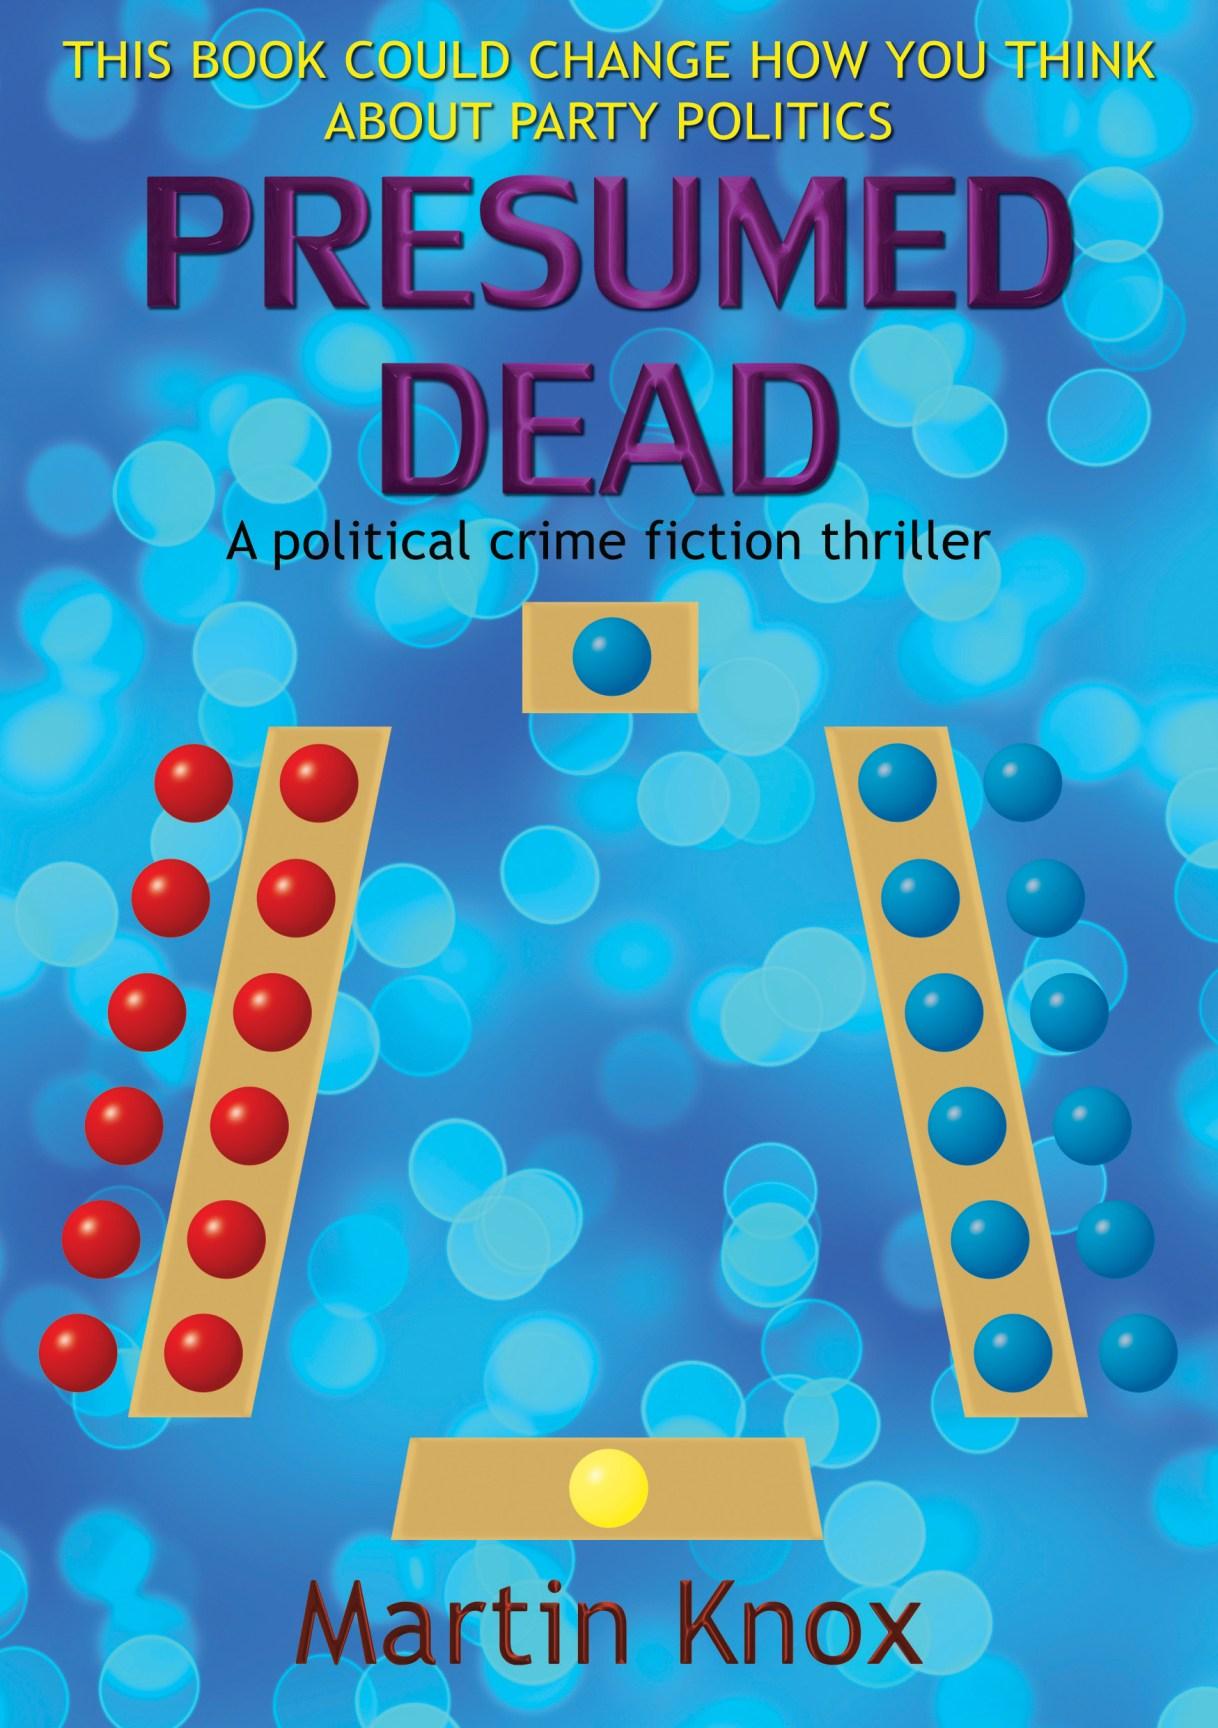 4. Presumed Dead by Martin Knox